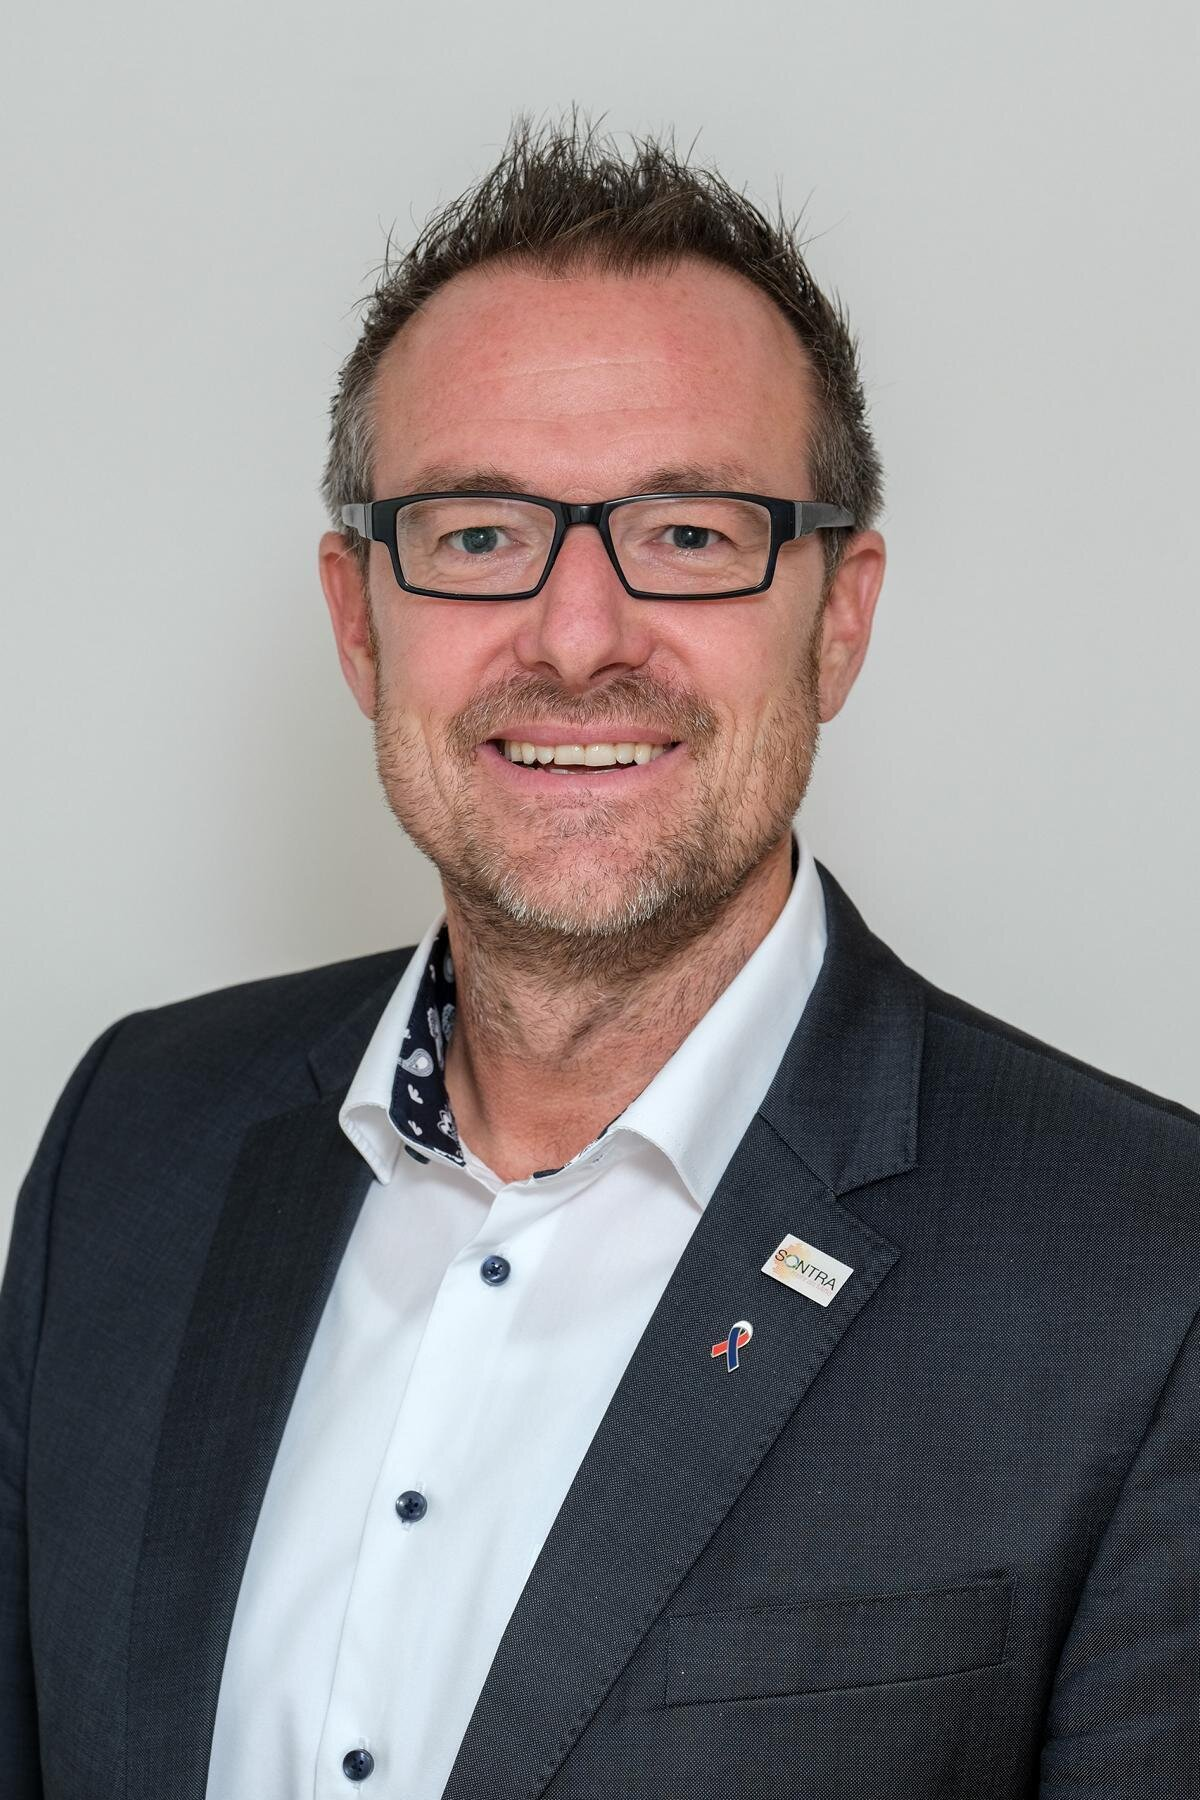 Bürgermeister Thomas Eckhardt